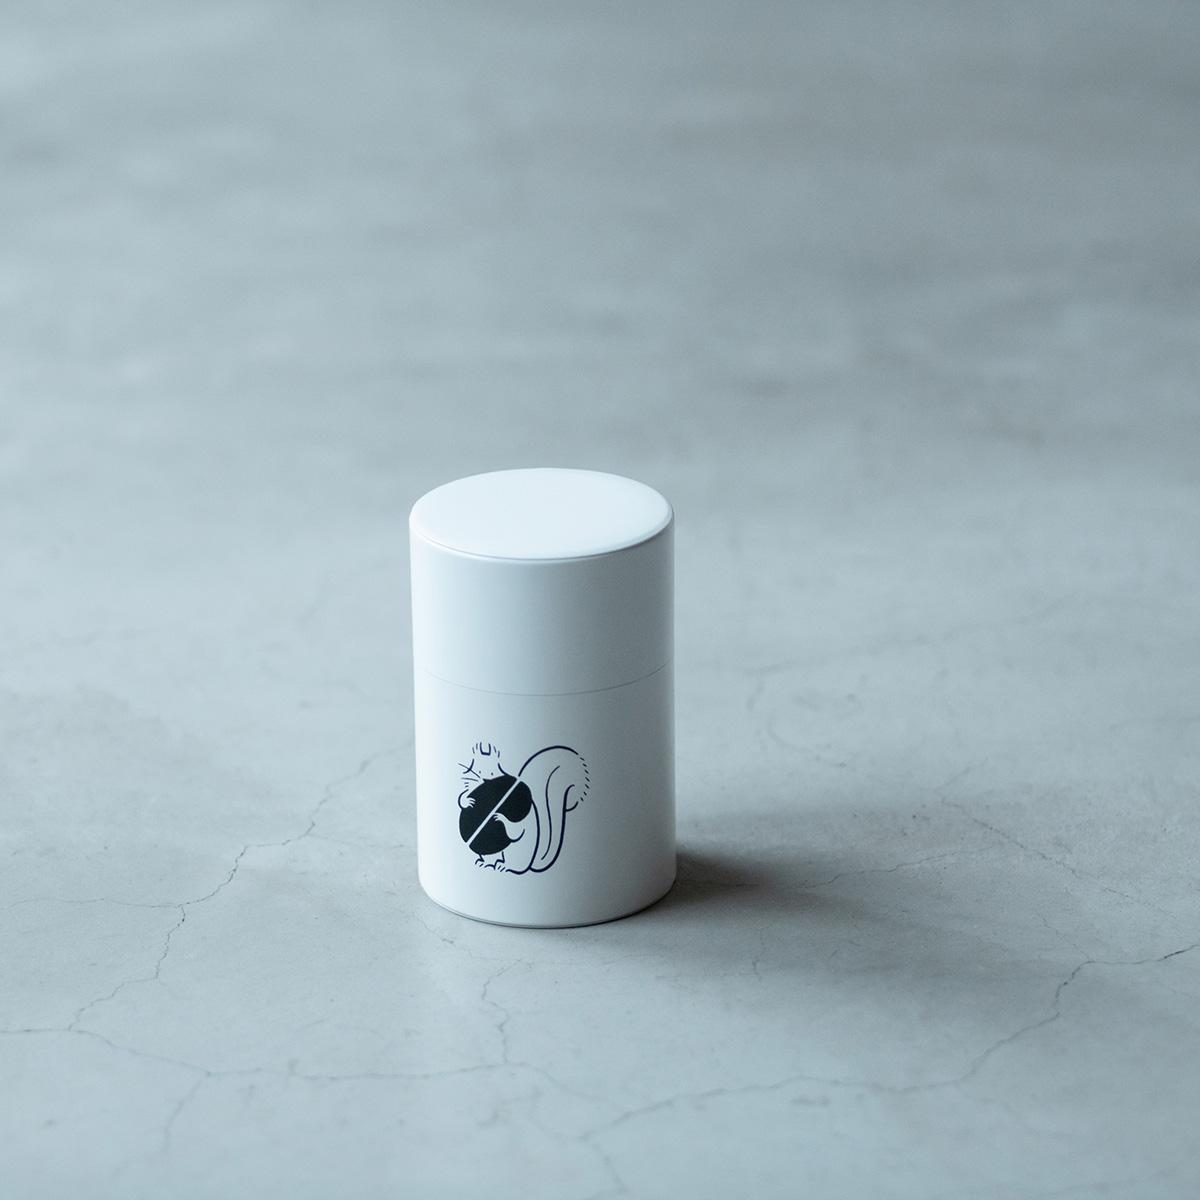 【新入荷】parkオリジナルコーヒー保存缶